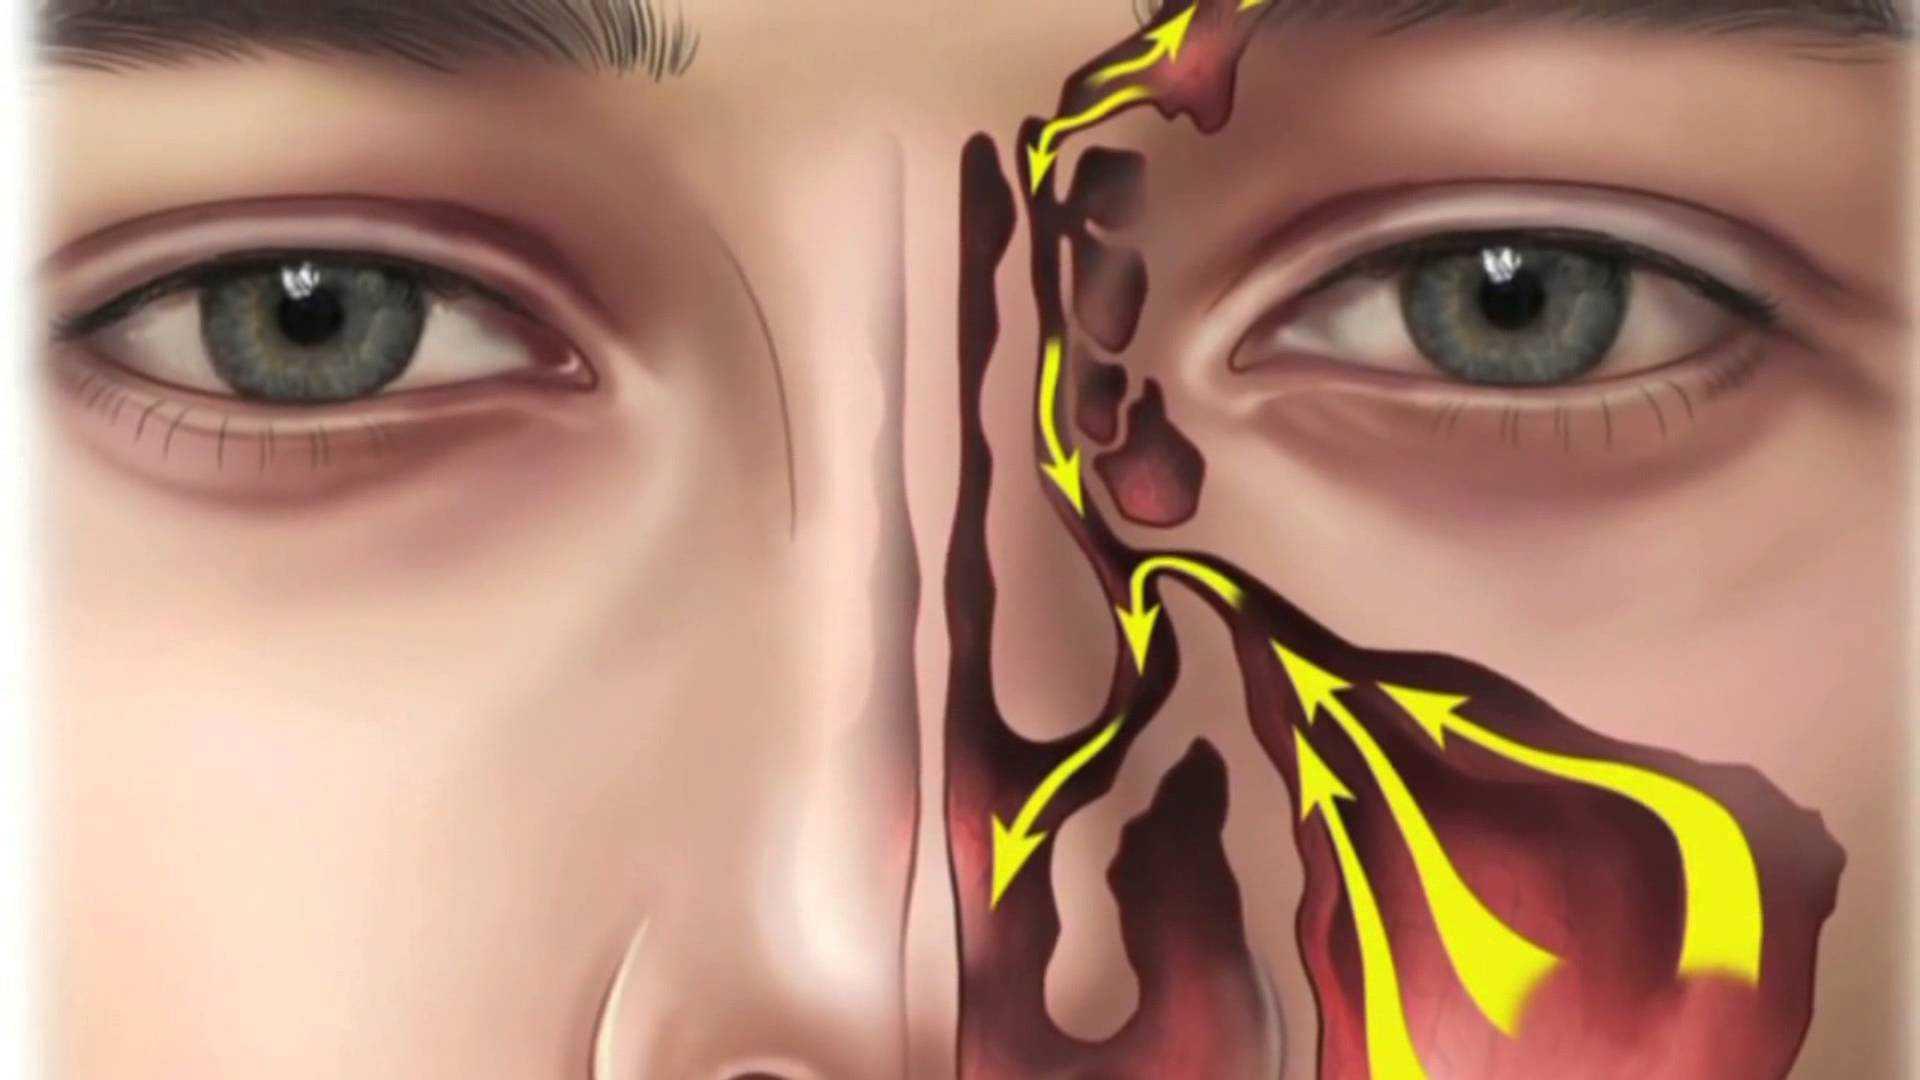 Sinüzit Nedir? Alerjik Sinüzit (Rinit) Belirtileri ve Tedavisi